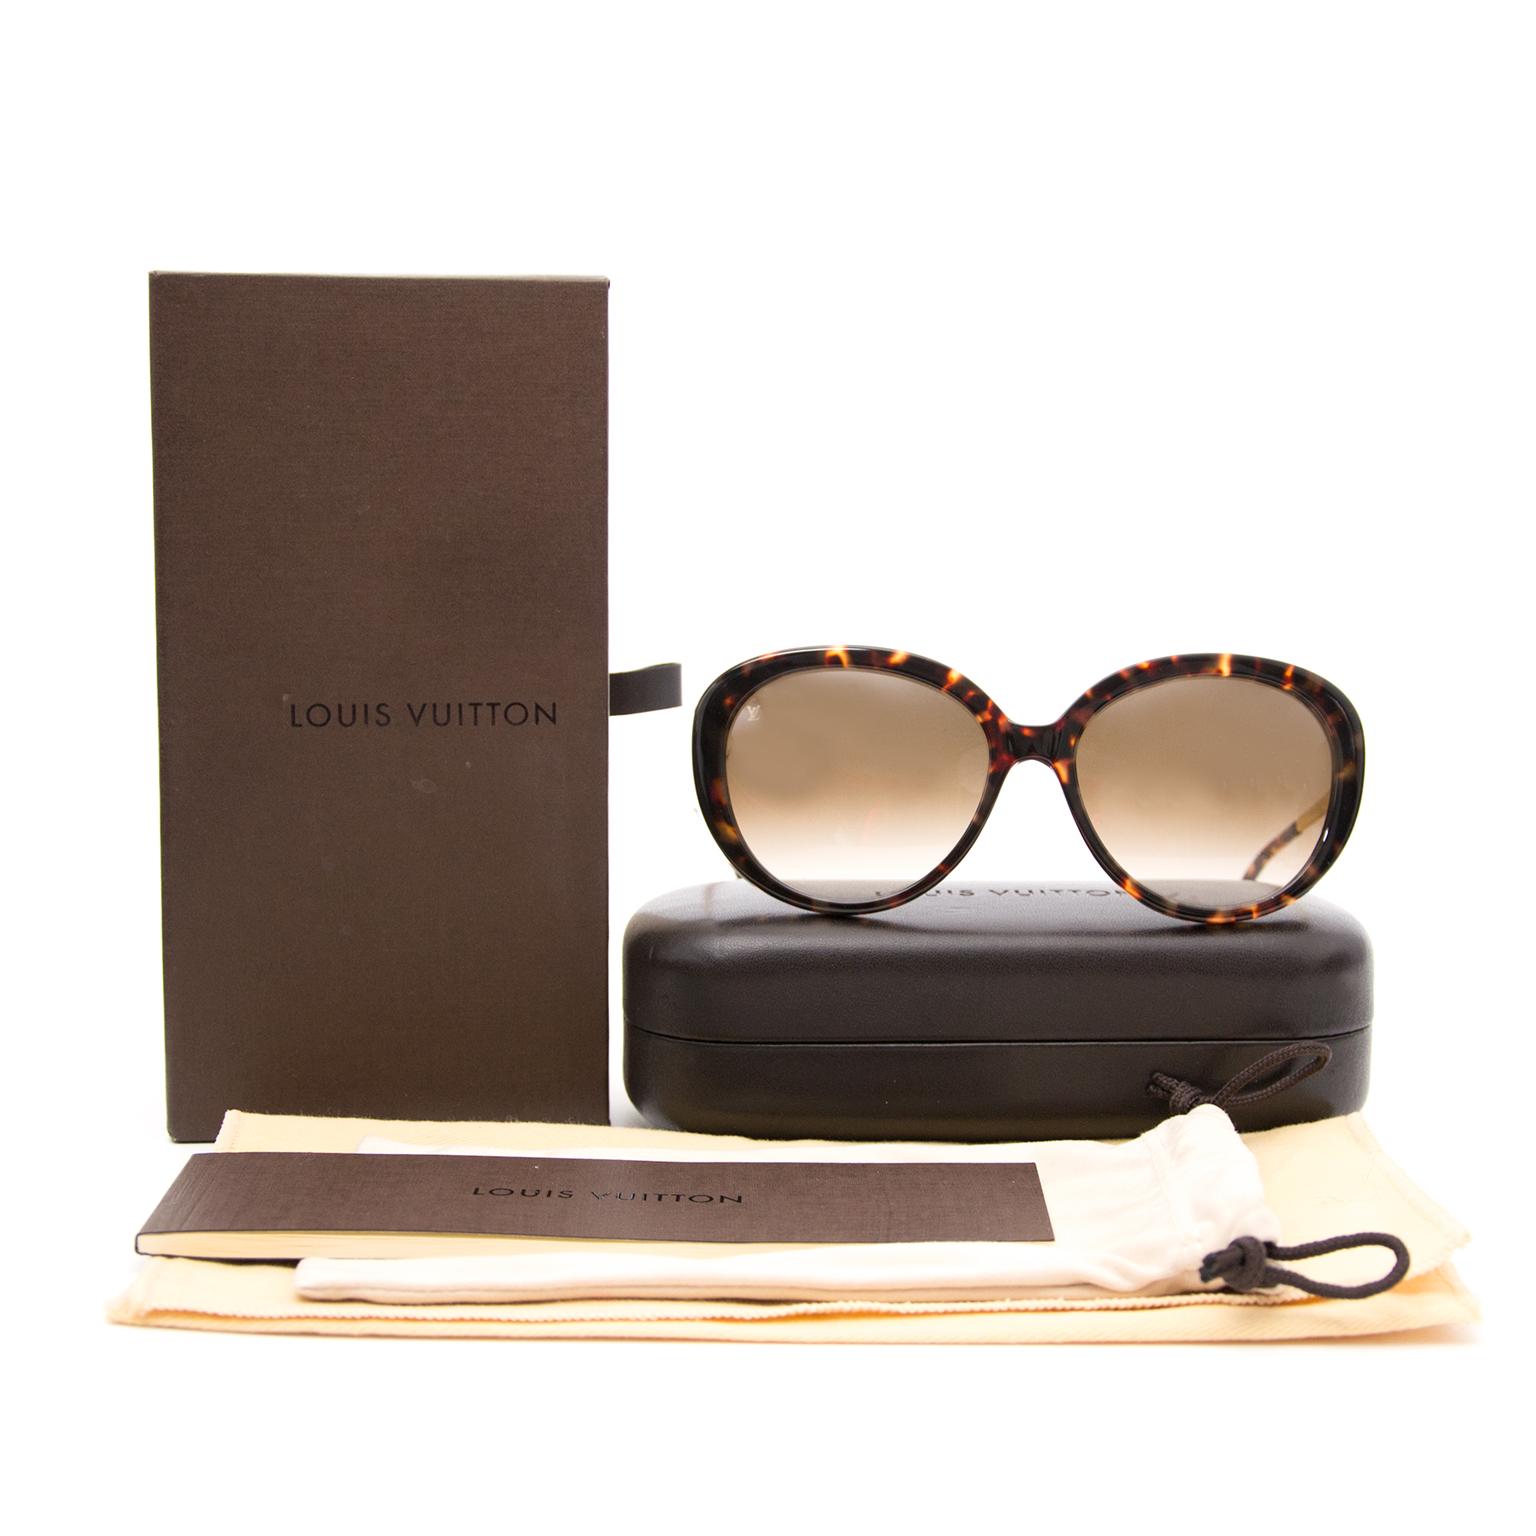 Acheter en ligne chez labellov.com pour le meilleur prix louis vuitton sunglasses.